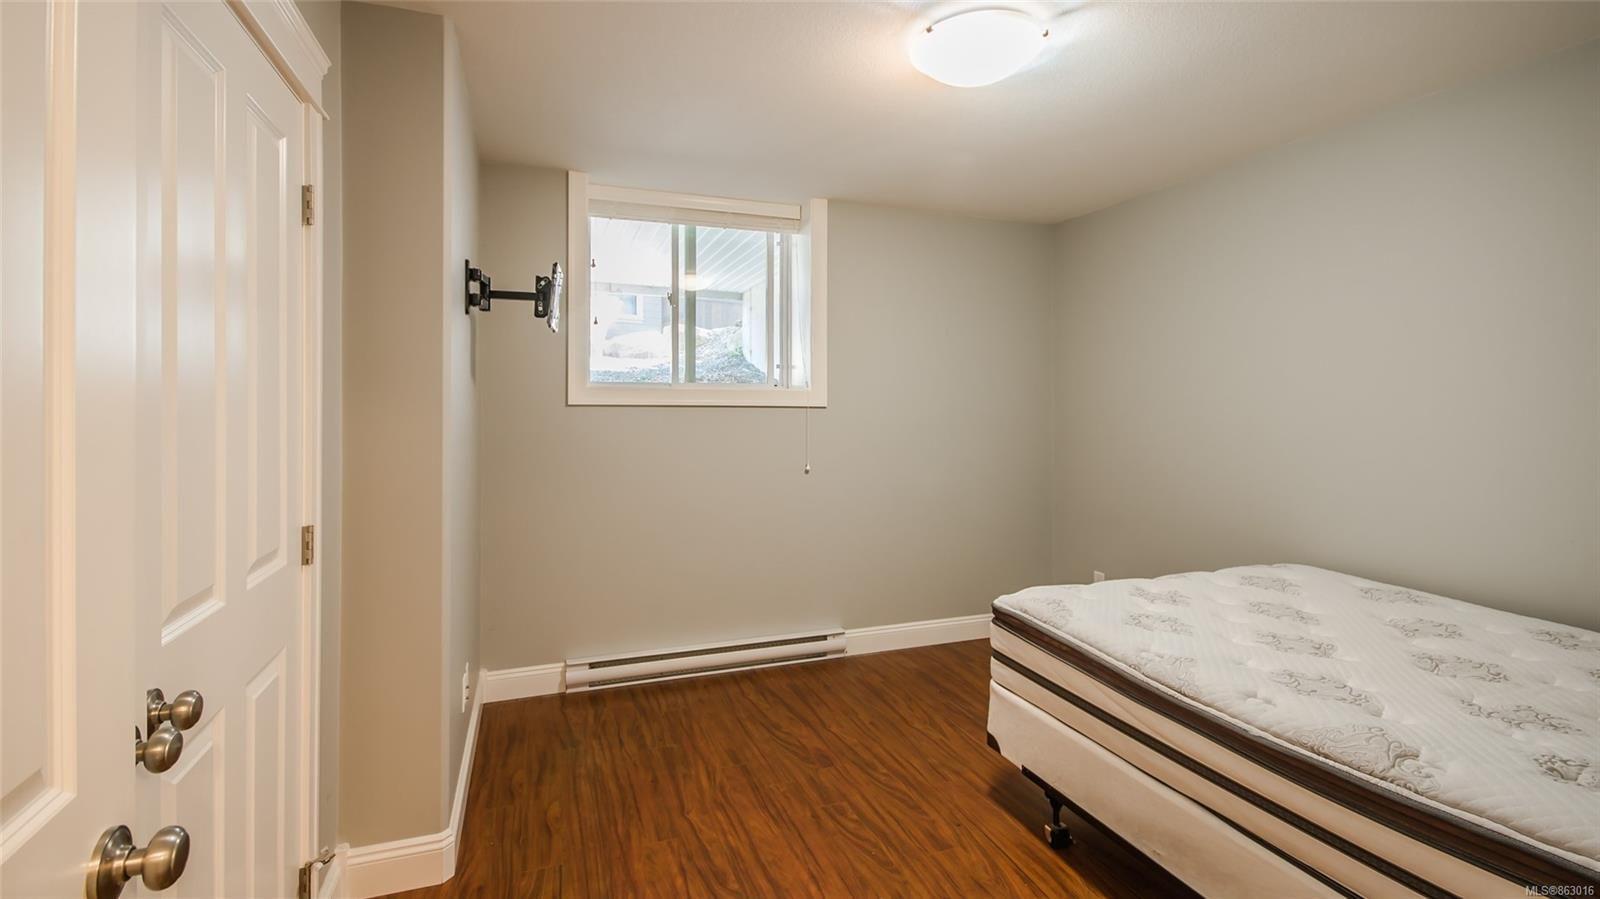 Photo 32: Photos: 5361 Laguna Way in : Na North Nanaimo House for sale (Nanaimo)  : MLS®# 863016